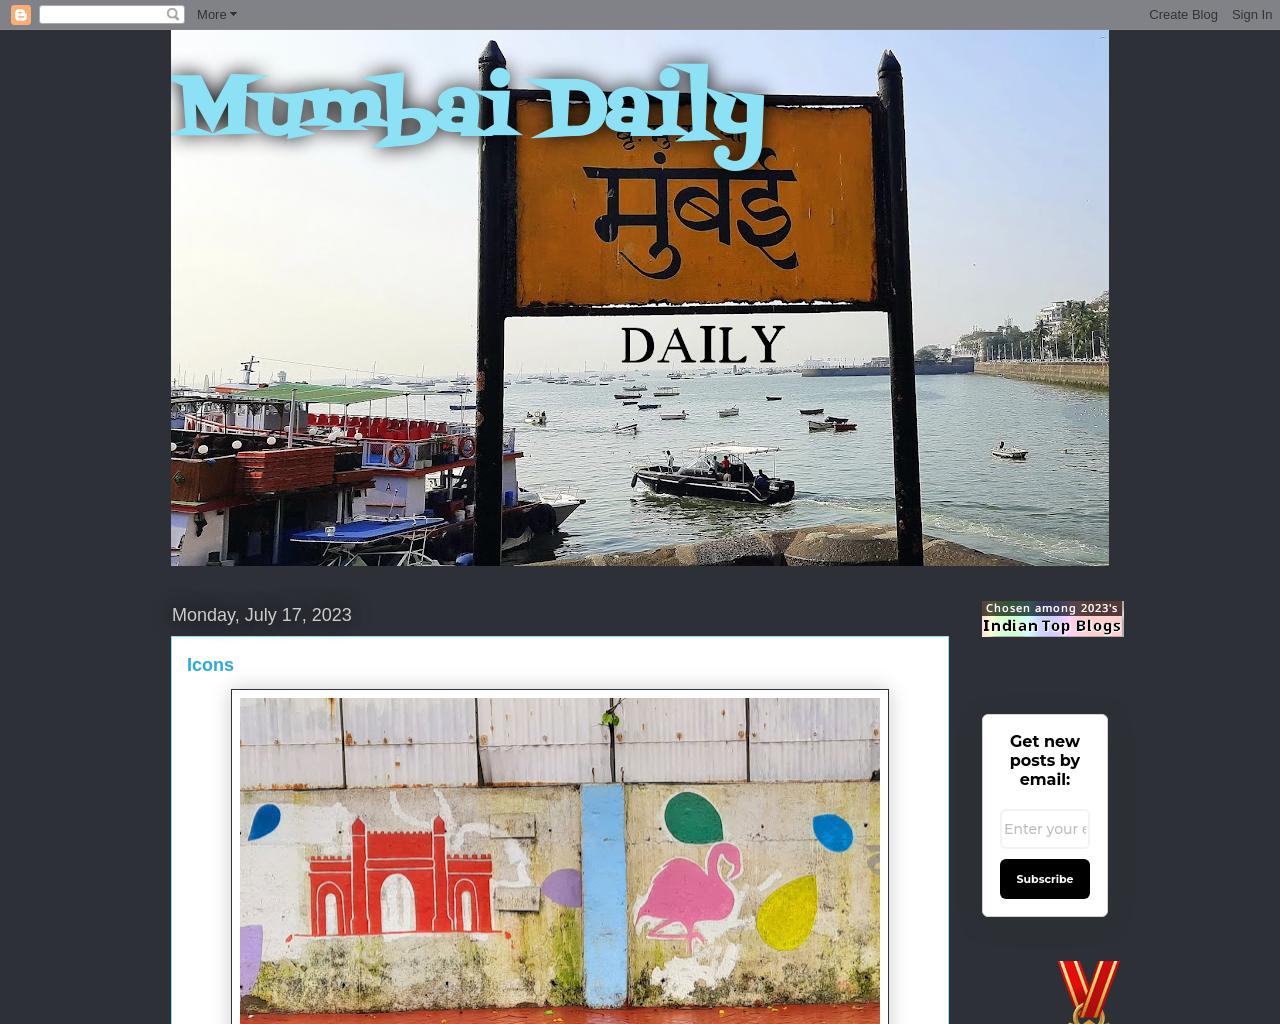 Mumbai Daily